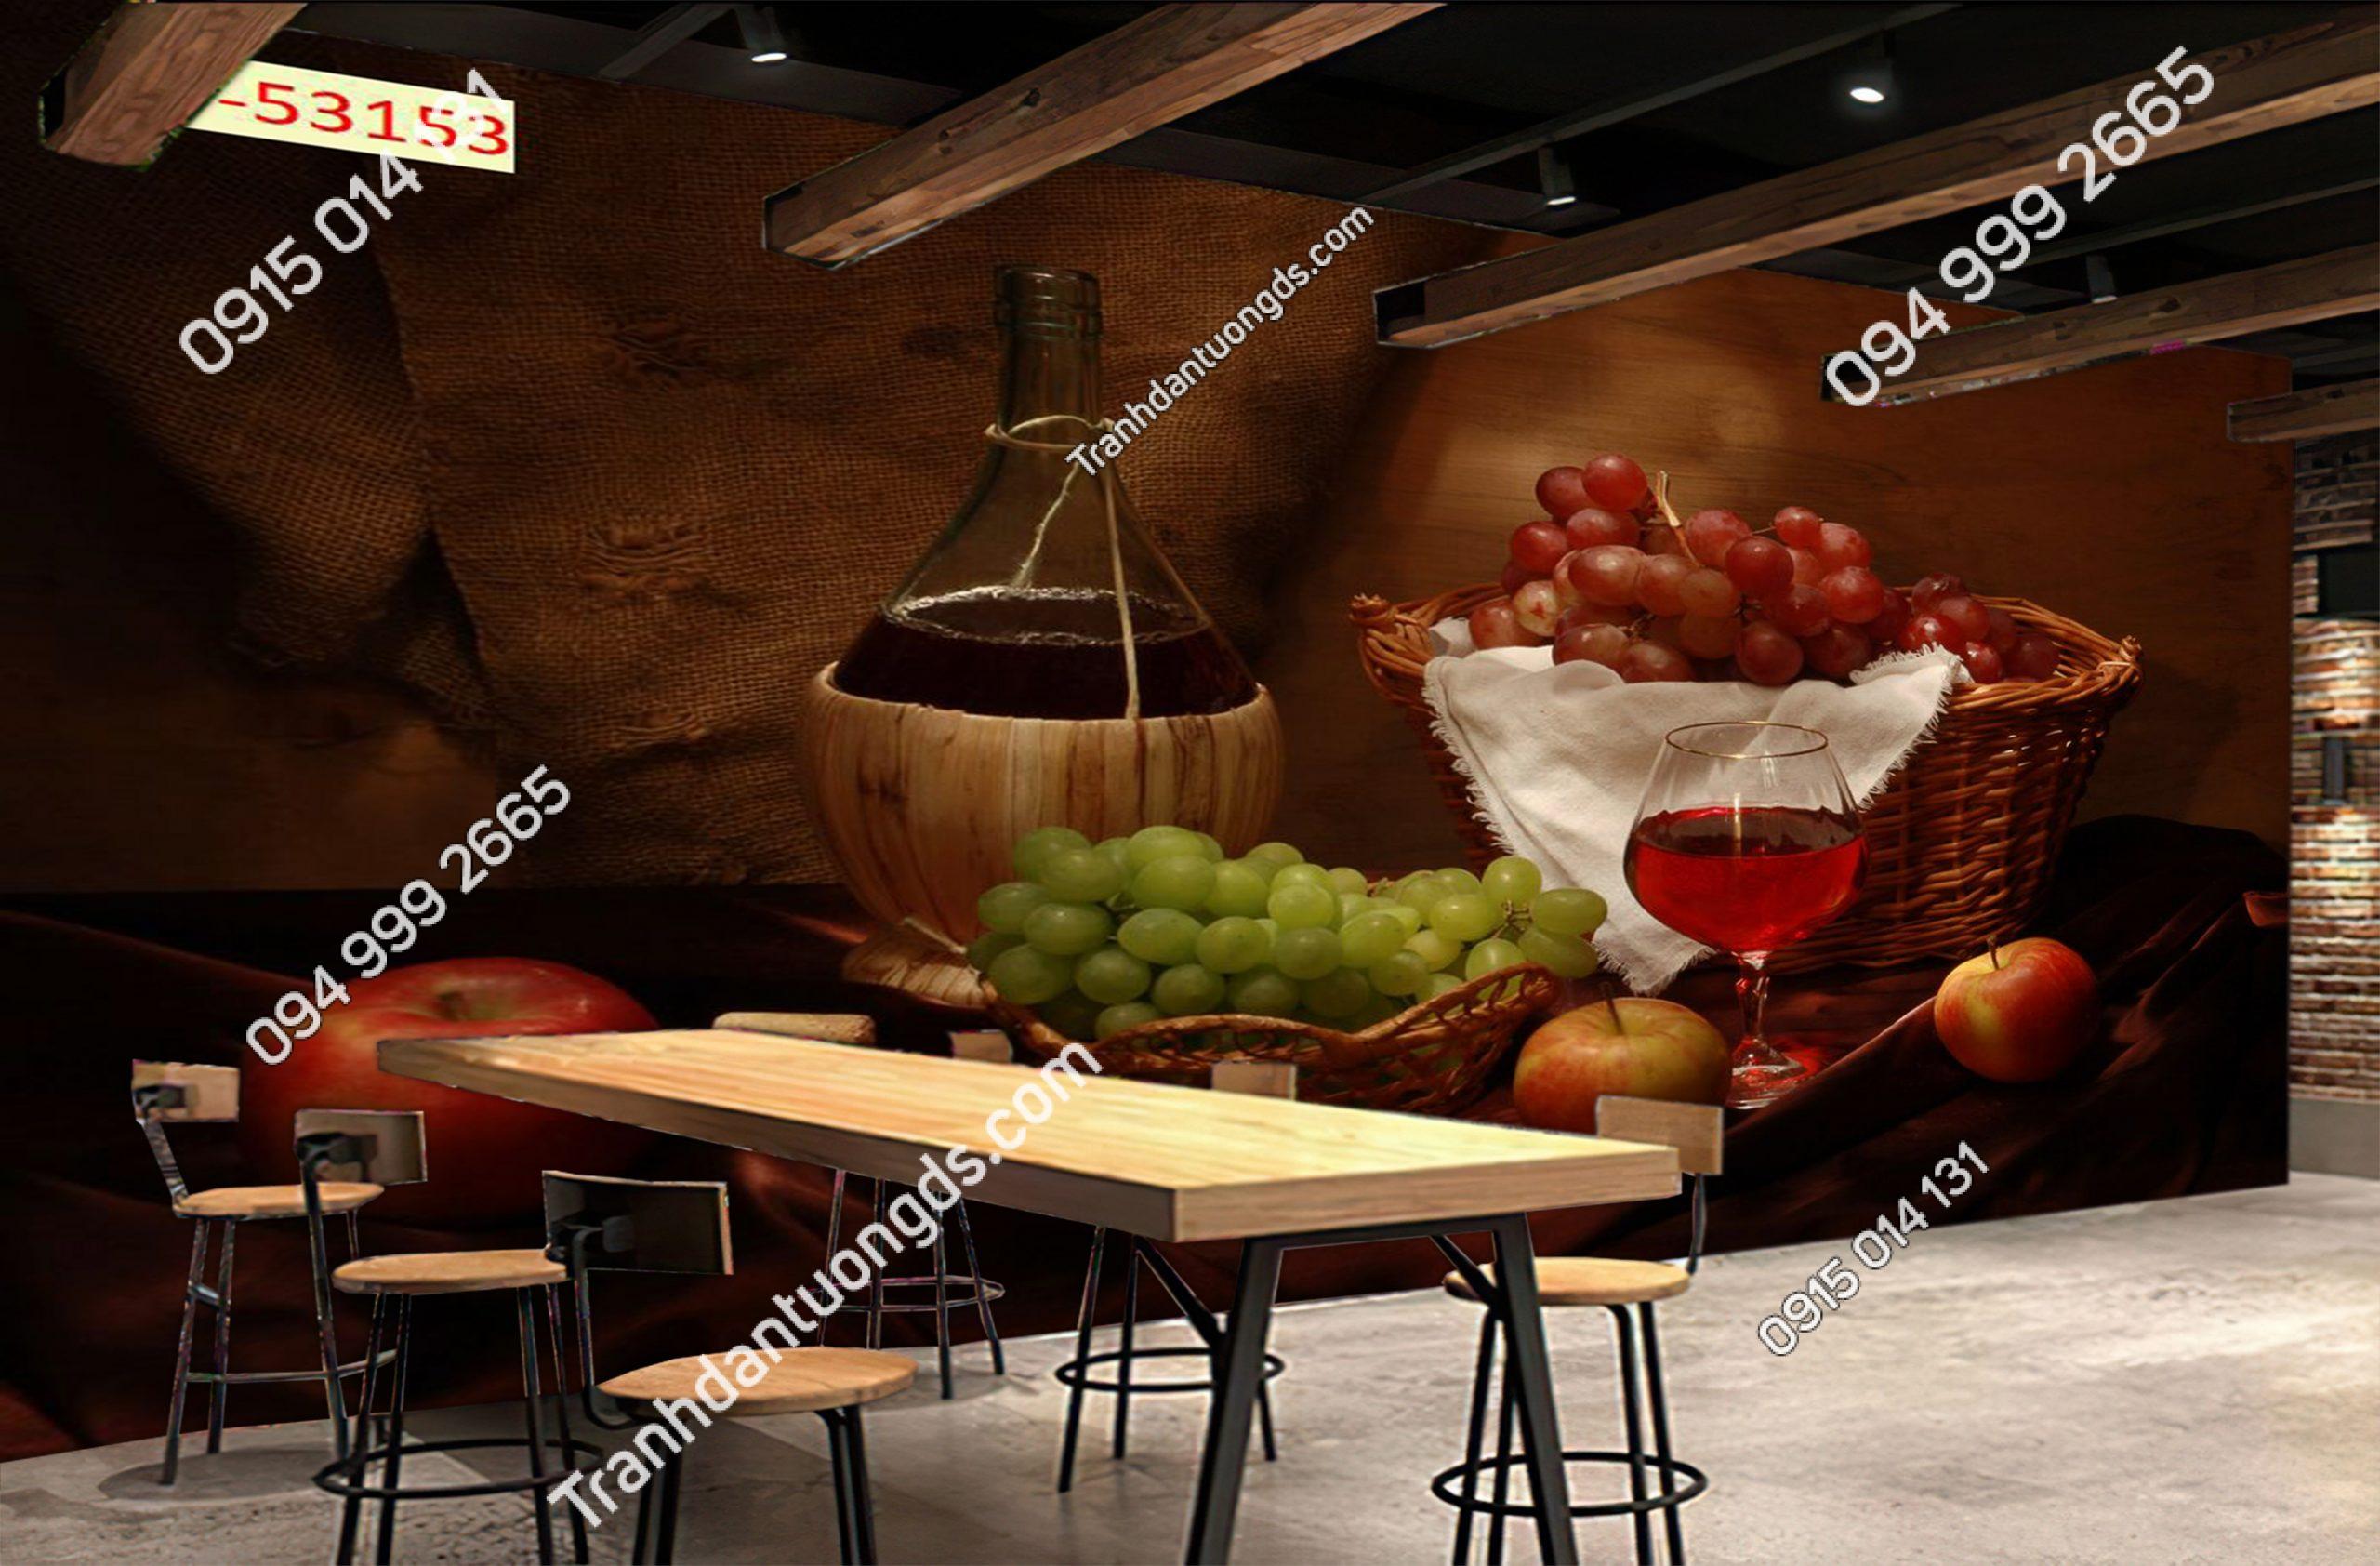 Tranh dán tường quán bia rượu 53153